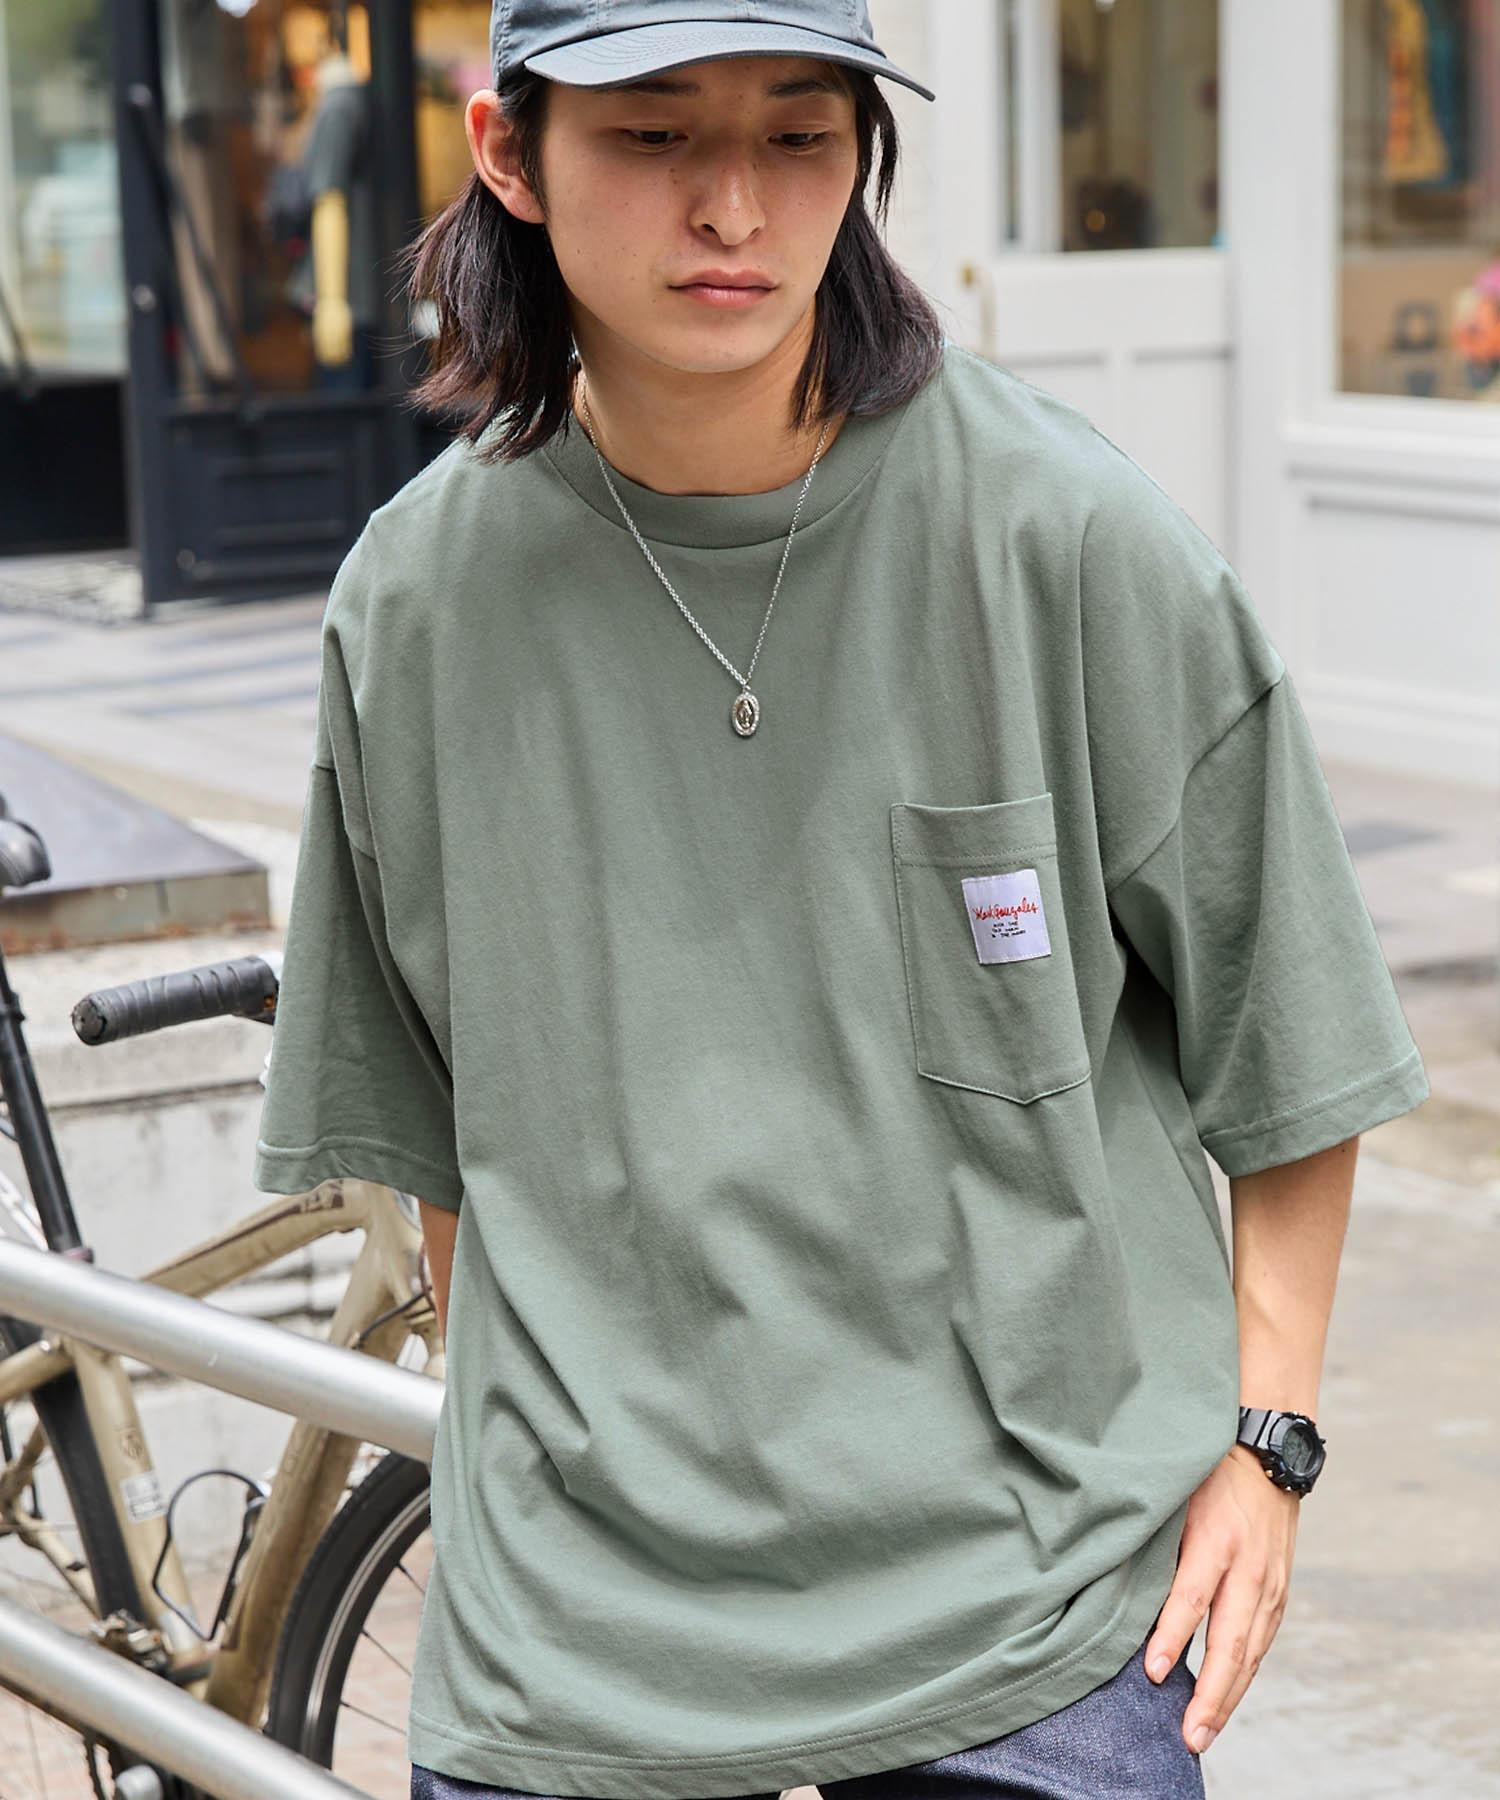 Mark Gonzales/マークゴンザレス MONO-MART別注 ビッグシルエット胸刺繍 半袖Tee